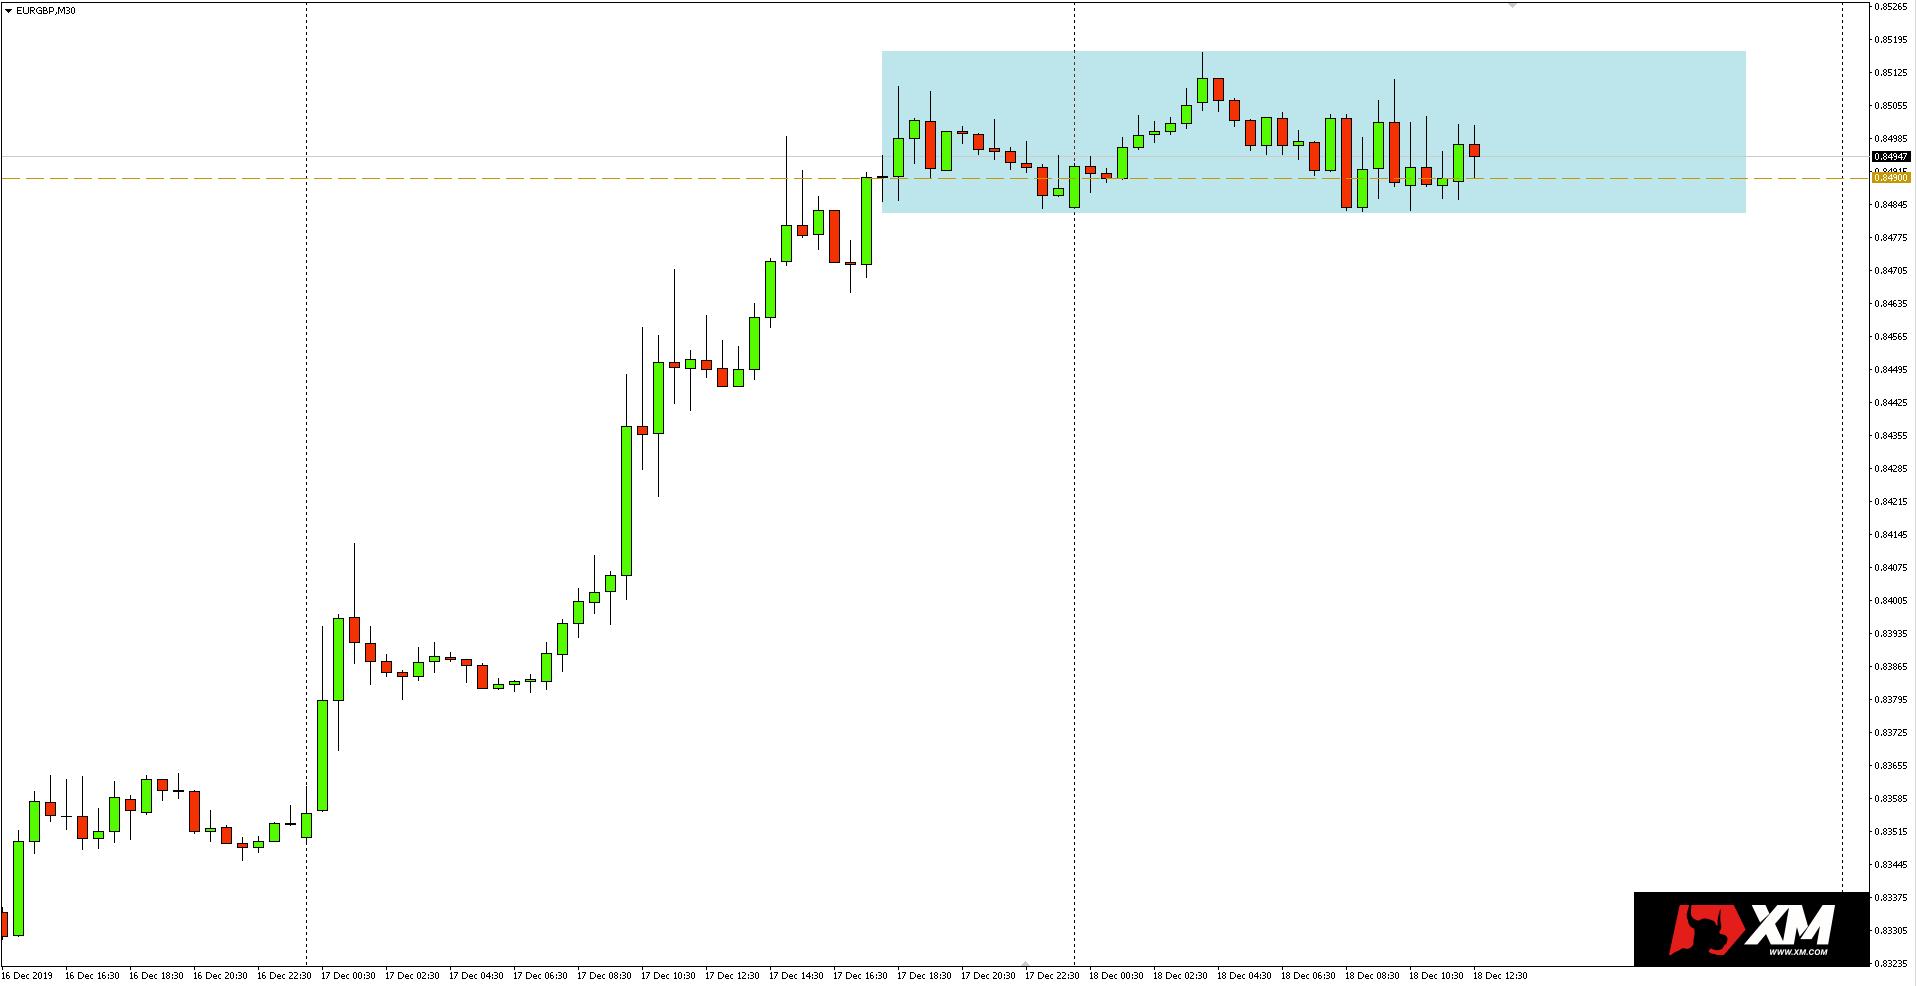 Wykres 30-minutowy pary walutowej EURGBP - 18.12.2019 r.